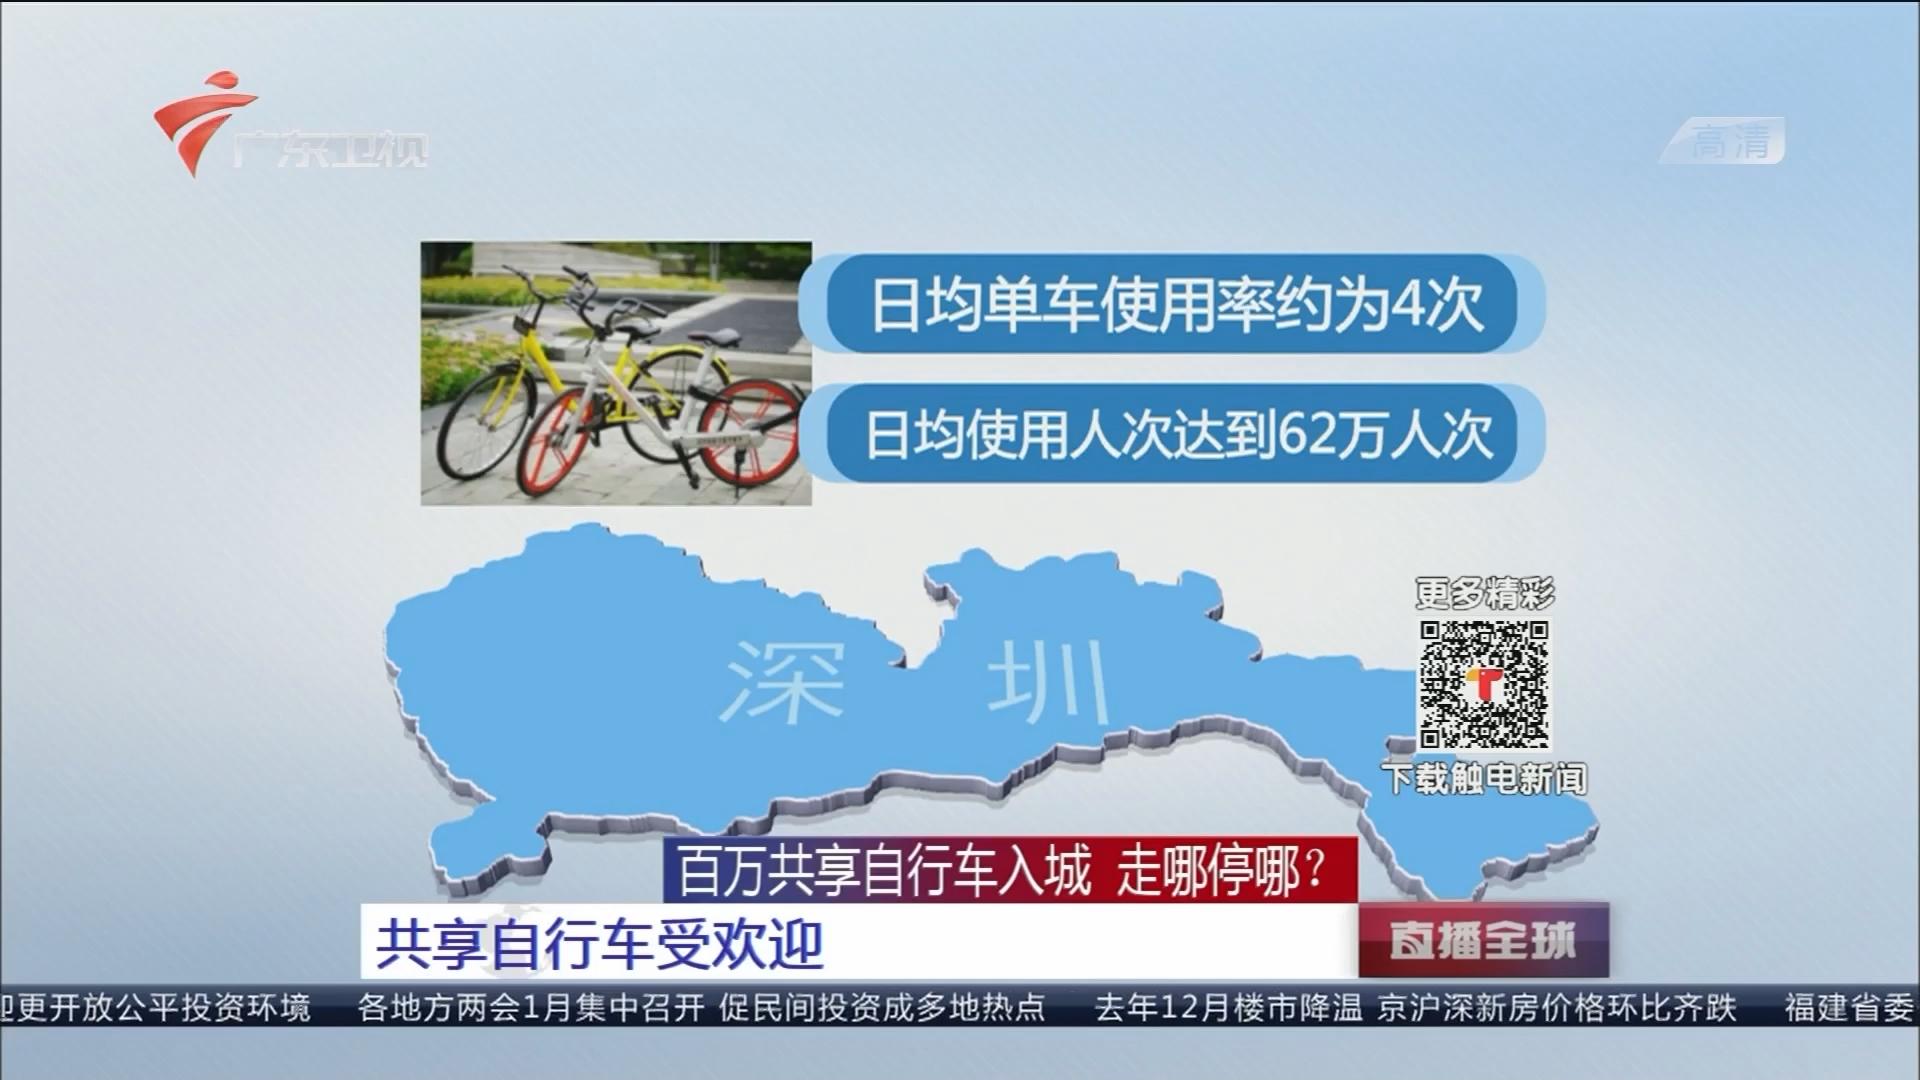 百万共享自行车入城 走哪停哪? 共享自行车受欢迎